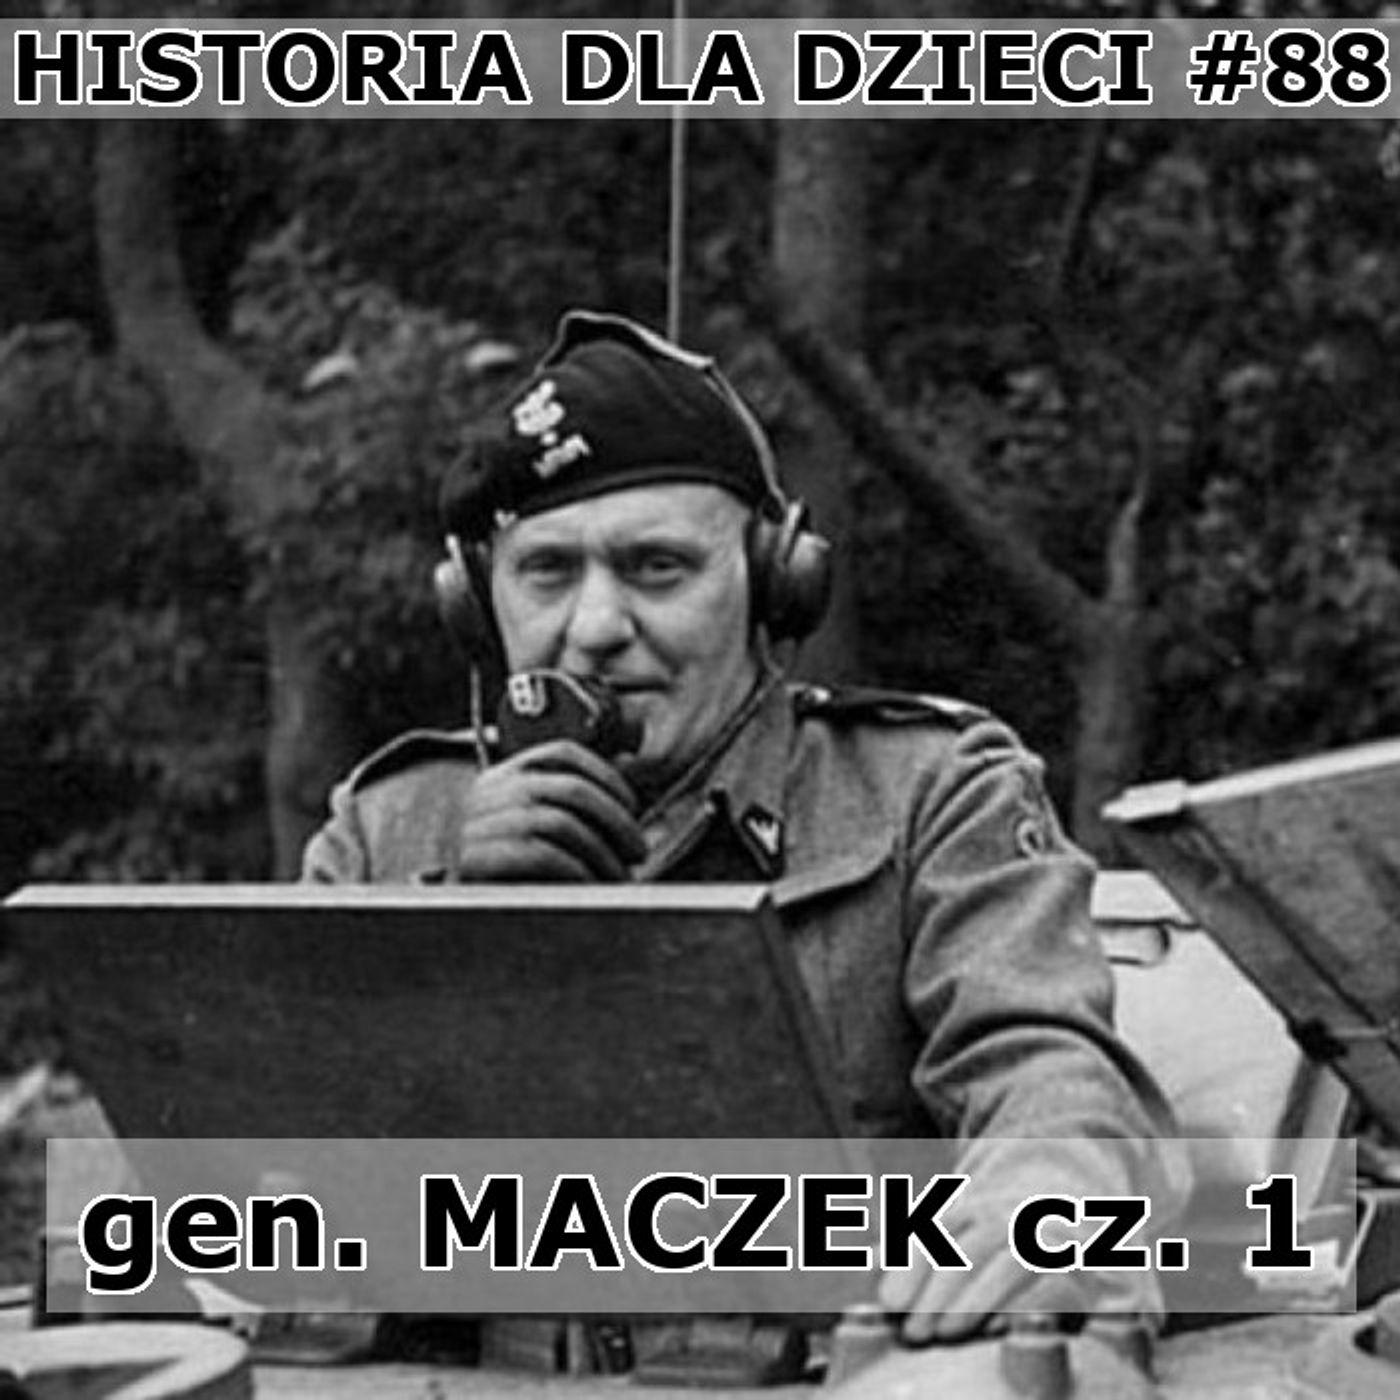 88 - gen. Maczek cz. 1